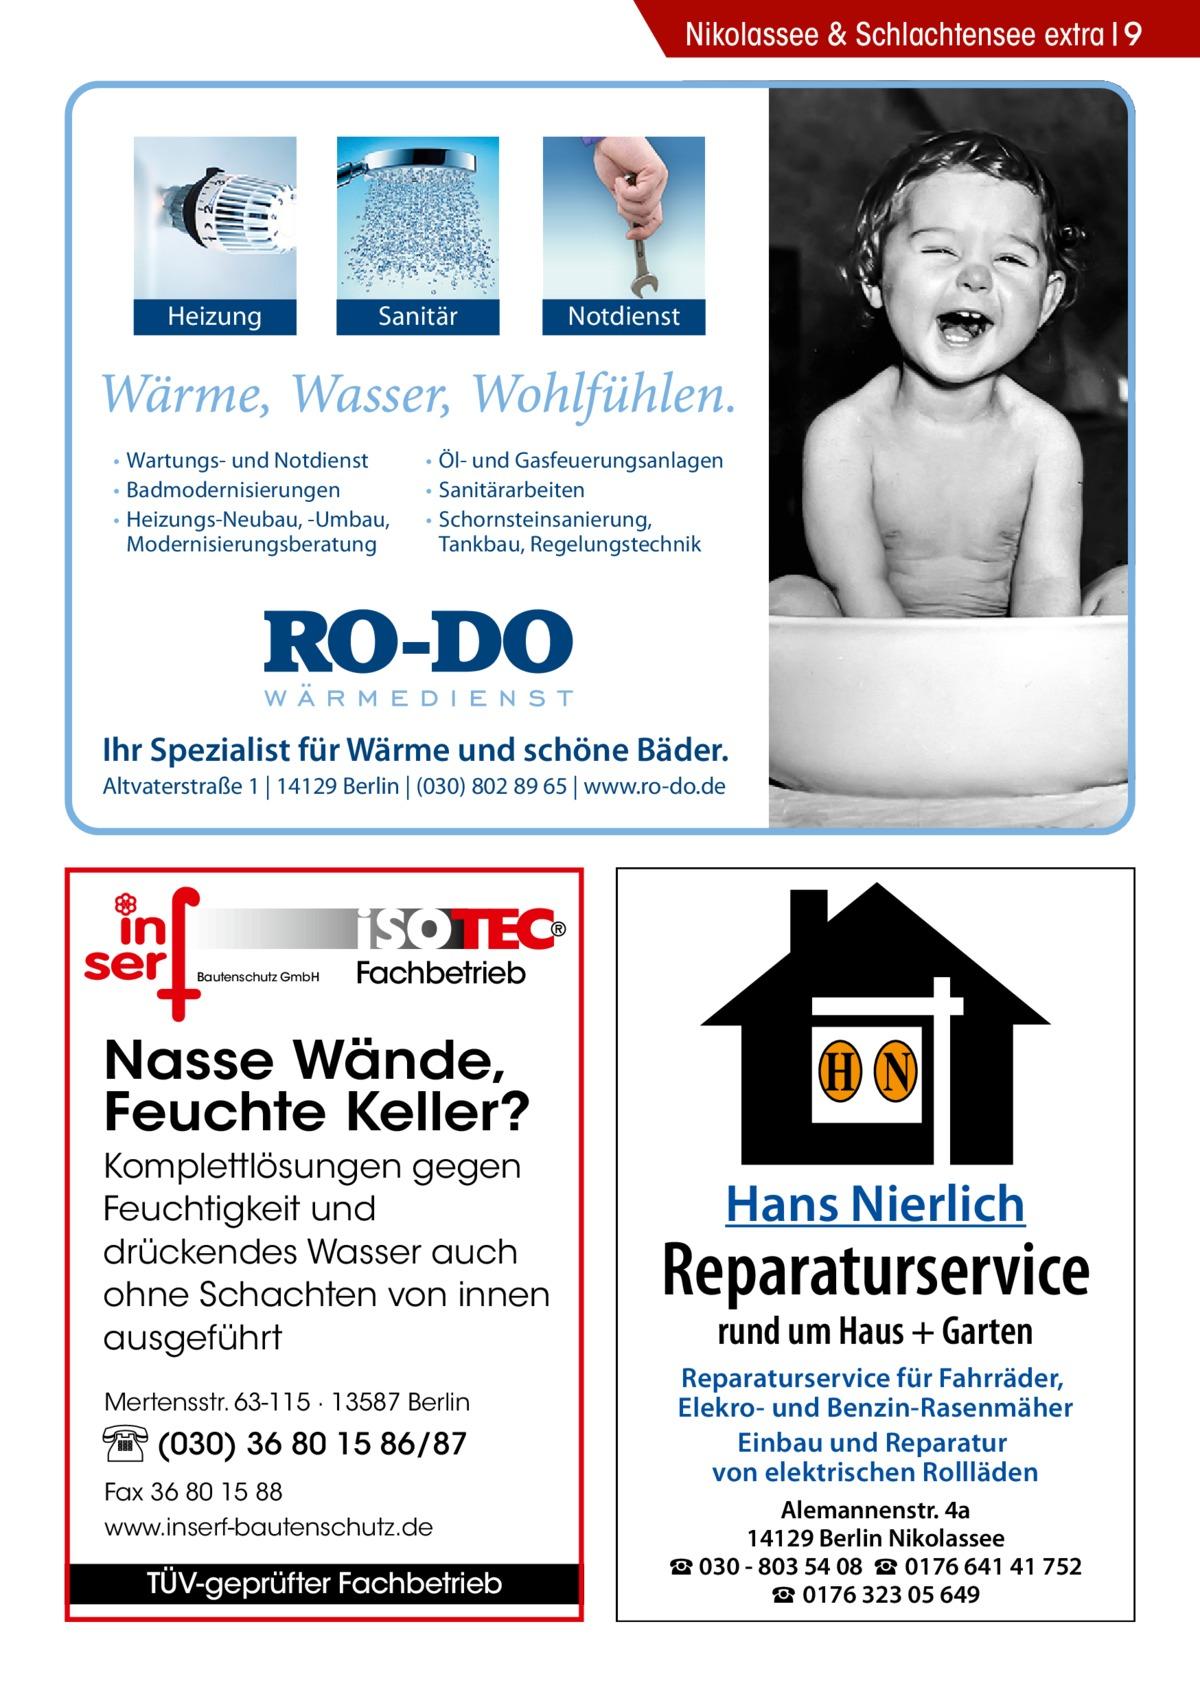 Nikolassee & Schlachtensee extra 9  Heizung  Sanitär  • Wartungs- und Notdienst • Badmodernisierungen • Heizungs-Neubau, -Umbau, Modernisierungsberatung  Notdienst  • Öl- und Gasfeuerungsanlagen • Sanitärarbeiten • Schornsteinsanierung, Tankbau, Regelungstechnik  Ihr Spezialist für Wärme und schöne Bäder. Altvaterstraße 1 | 14129 Berlin | (030) 802 89 65 | www.ro-do.de  Bautenschutz GmbH  Fachbetrieb  Nasse Wände, Feuchte Keller? Komplettlösungen gegen Feuchtigkeit und drückendes Wasser auch ohne Schachten von innen ausgeführt Mertensstr. 63-115 · 13587 Berlin  (030) 36 80 15 86/87 Fax 36 80 15 88 www.inserf-bautenschutz.de  TÜV-geprüfter Fachbetrieb  H N Hans Nierlich  Reparaturservice rund um Haus + Garten  Reparaturservice für Fahrräder, Elekro- und Benzin-Rasenmäher Einbau und Reparatur von elektrischen Rollläden Alemannenstr. 4a 14129 Berlin Nikolassee ☎ 030 - 803 54 08 ☎ 0176 641 41 752 ☎ 0176 323 05 649